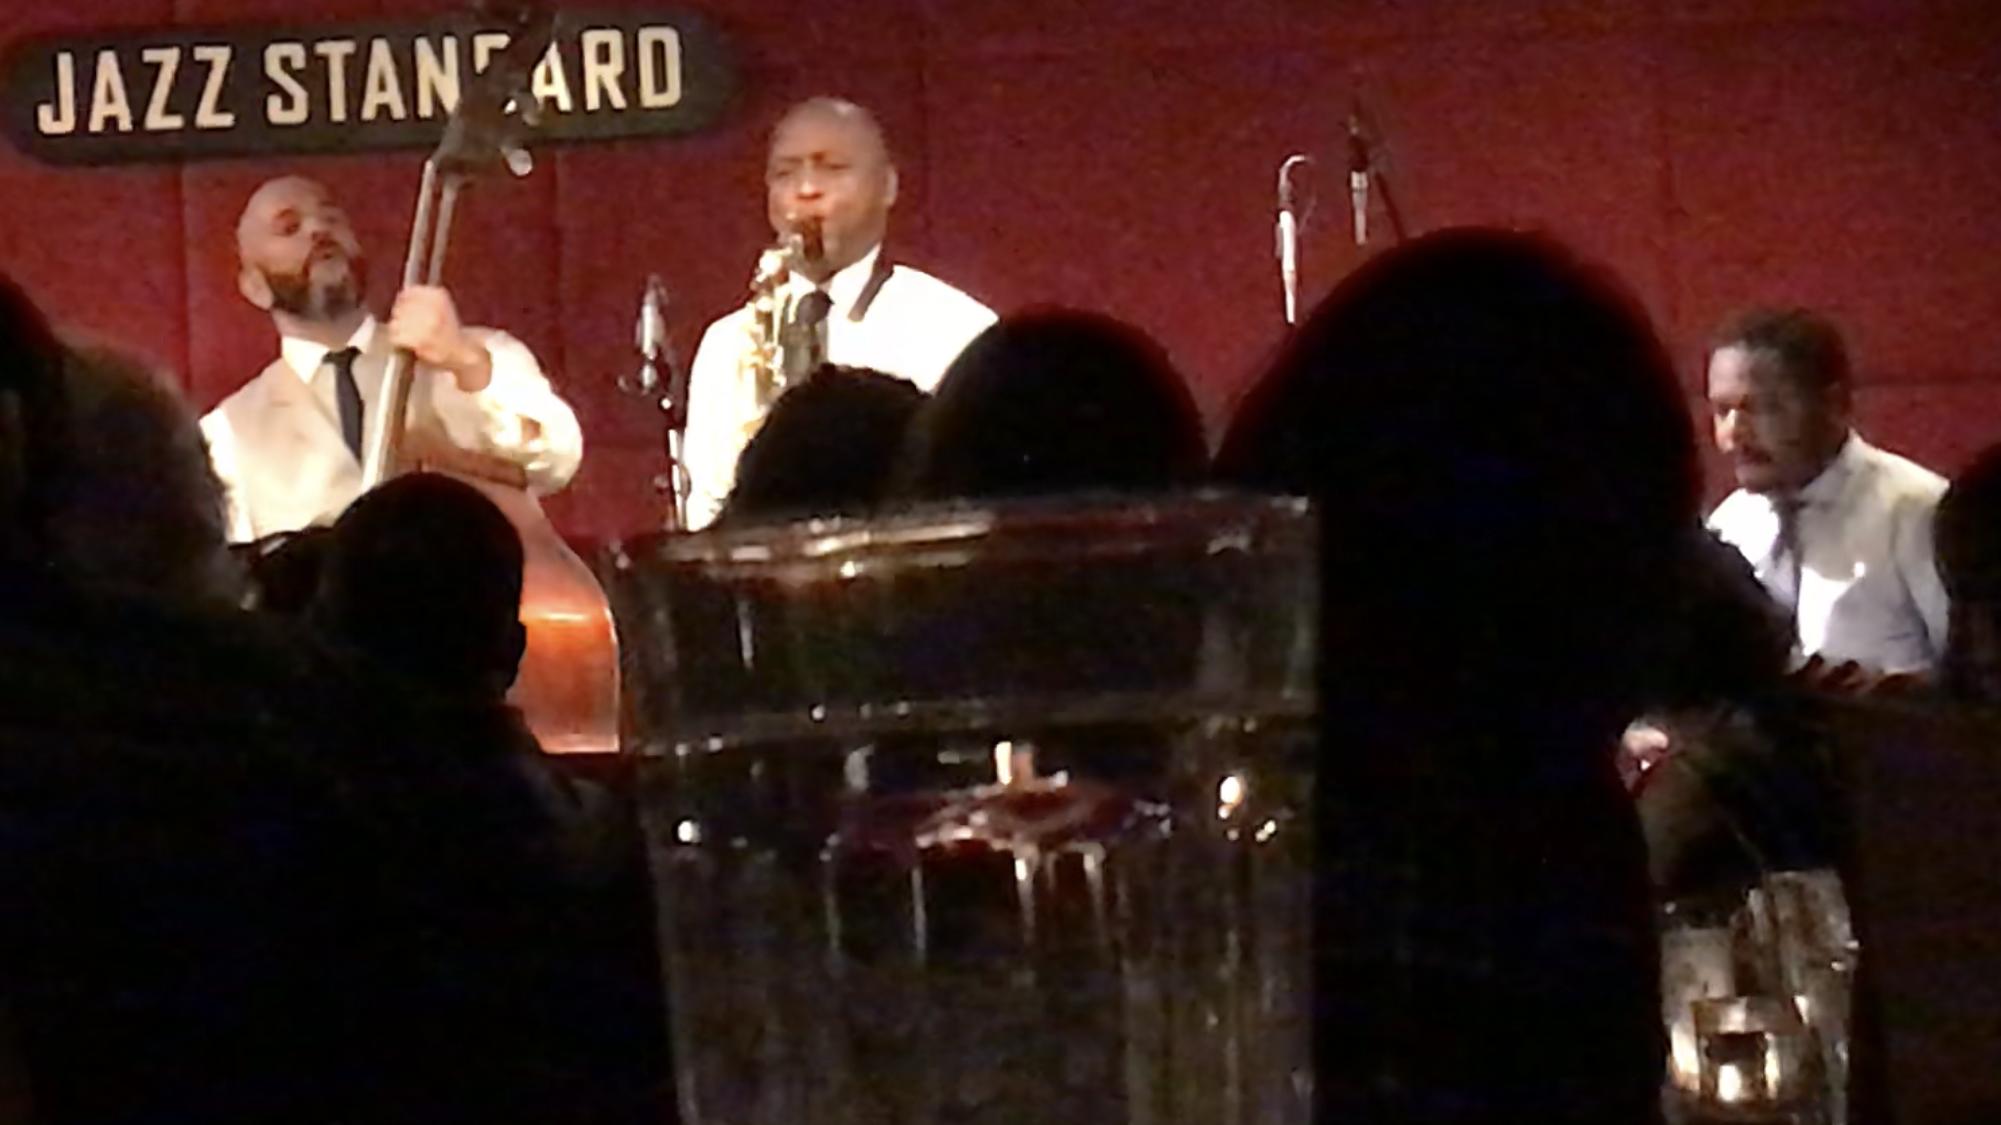 뉴욕 재즈스탠다드 클럽